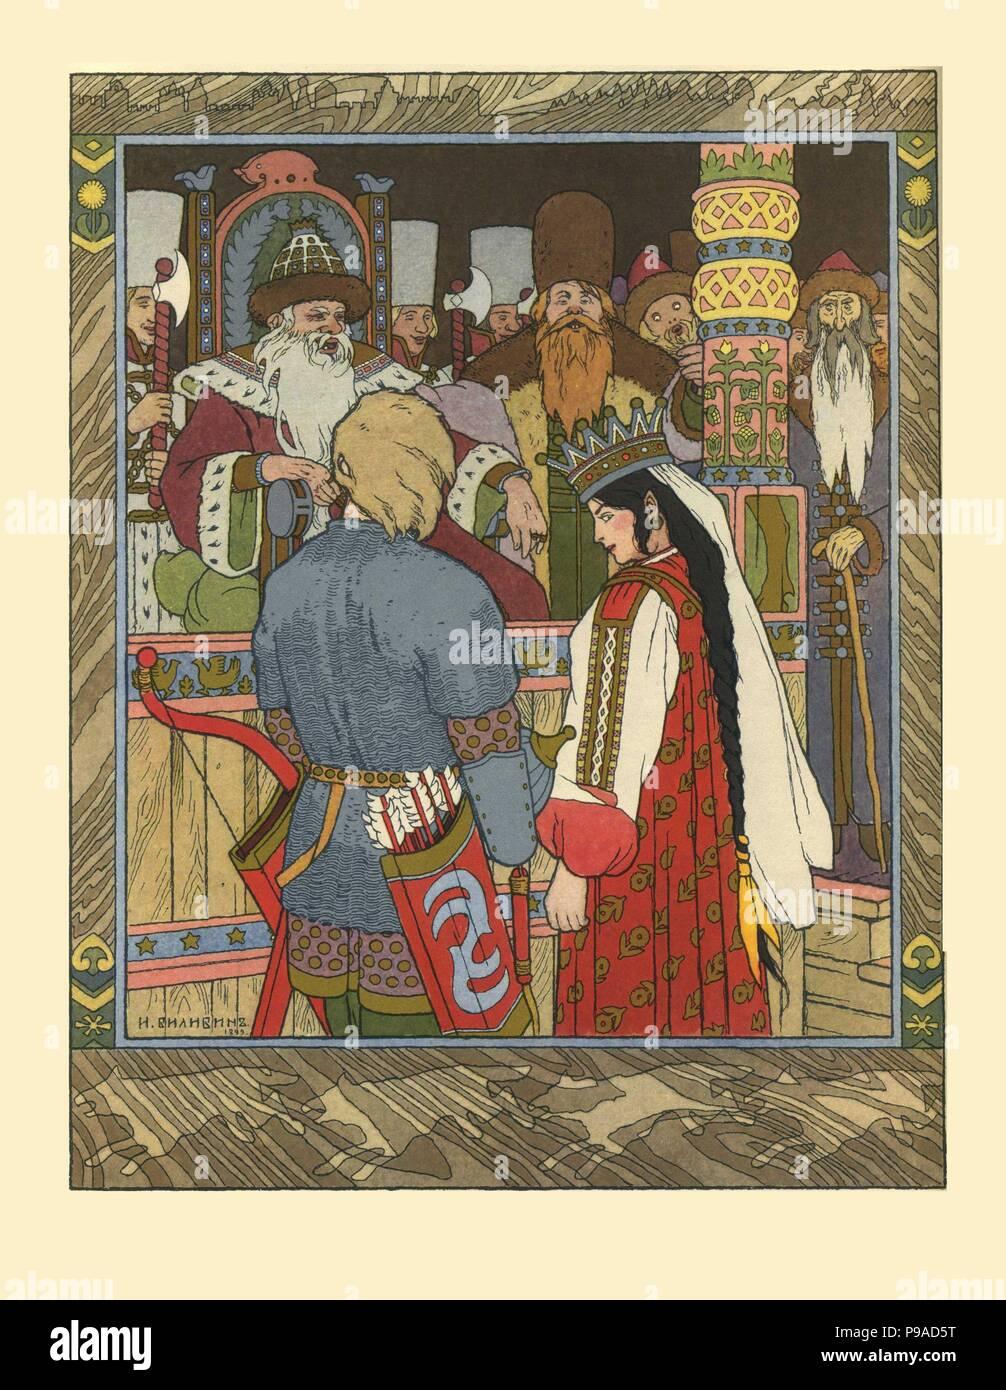 Illustration Conte De Fée illustration pour le conte de fées d'ivan tsarévitch, l'oiseau de